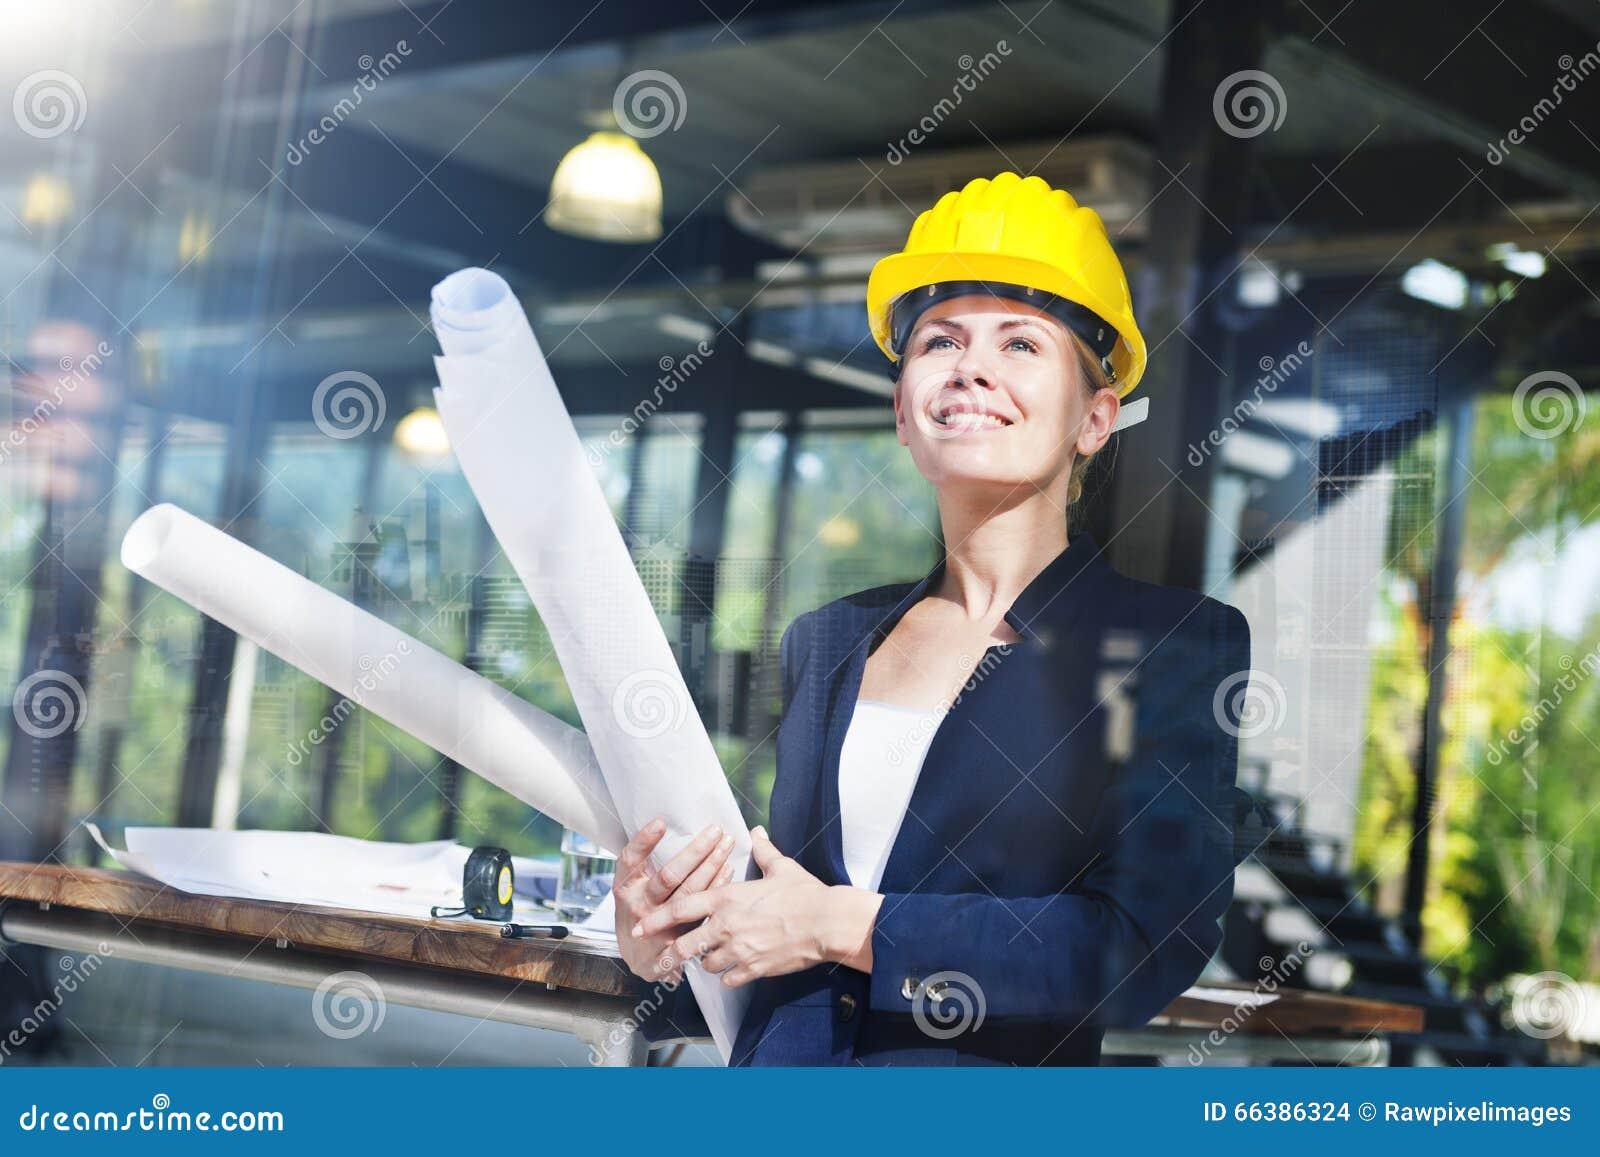 Конструктивная схема дизайна интерьера воодушевленности женщины инженерства